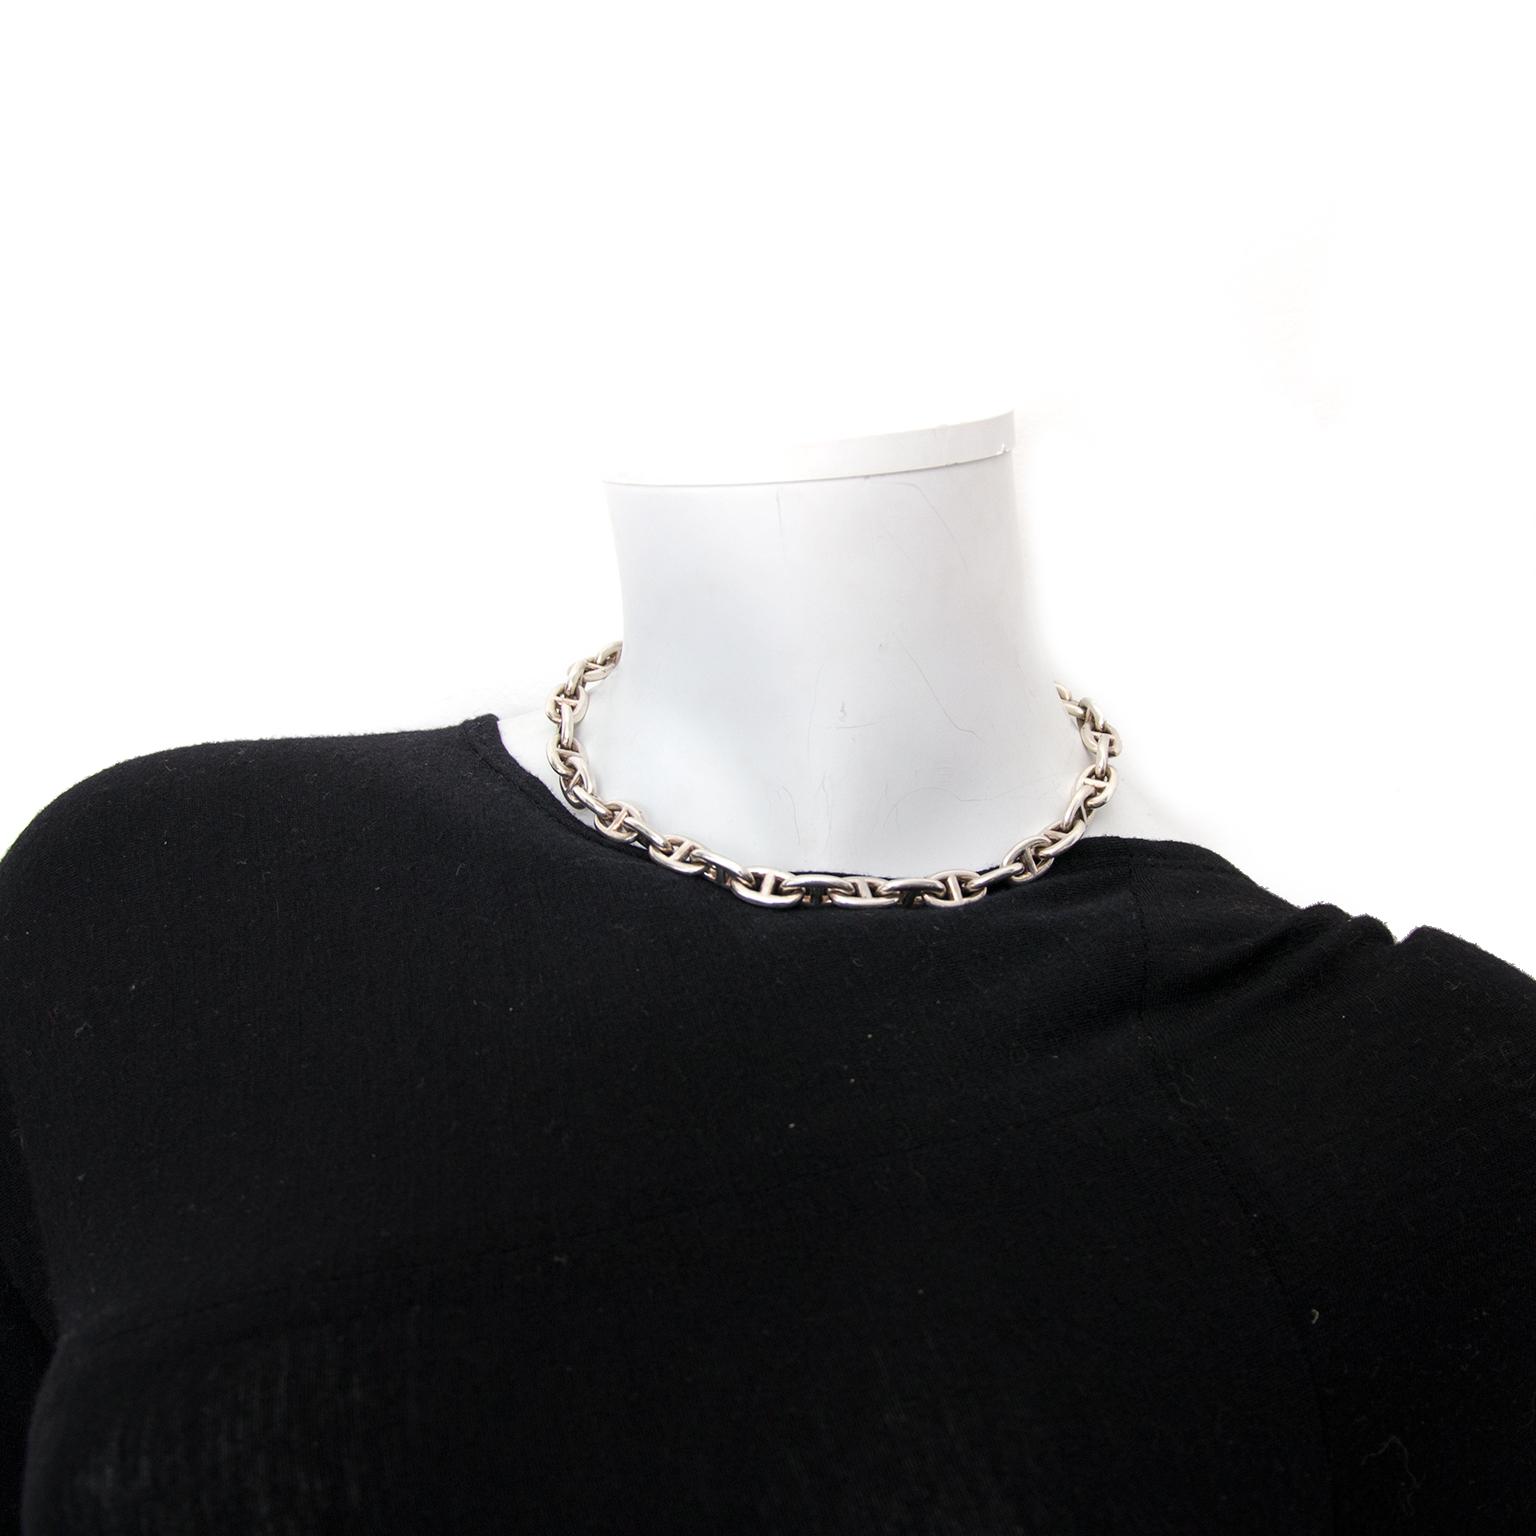 koop veilig online bij labellov.com tegen de beste prijs Hermès Chaine D'ancre zilveren ketteing